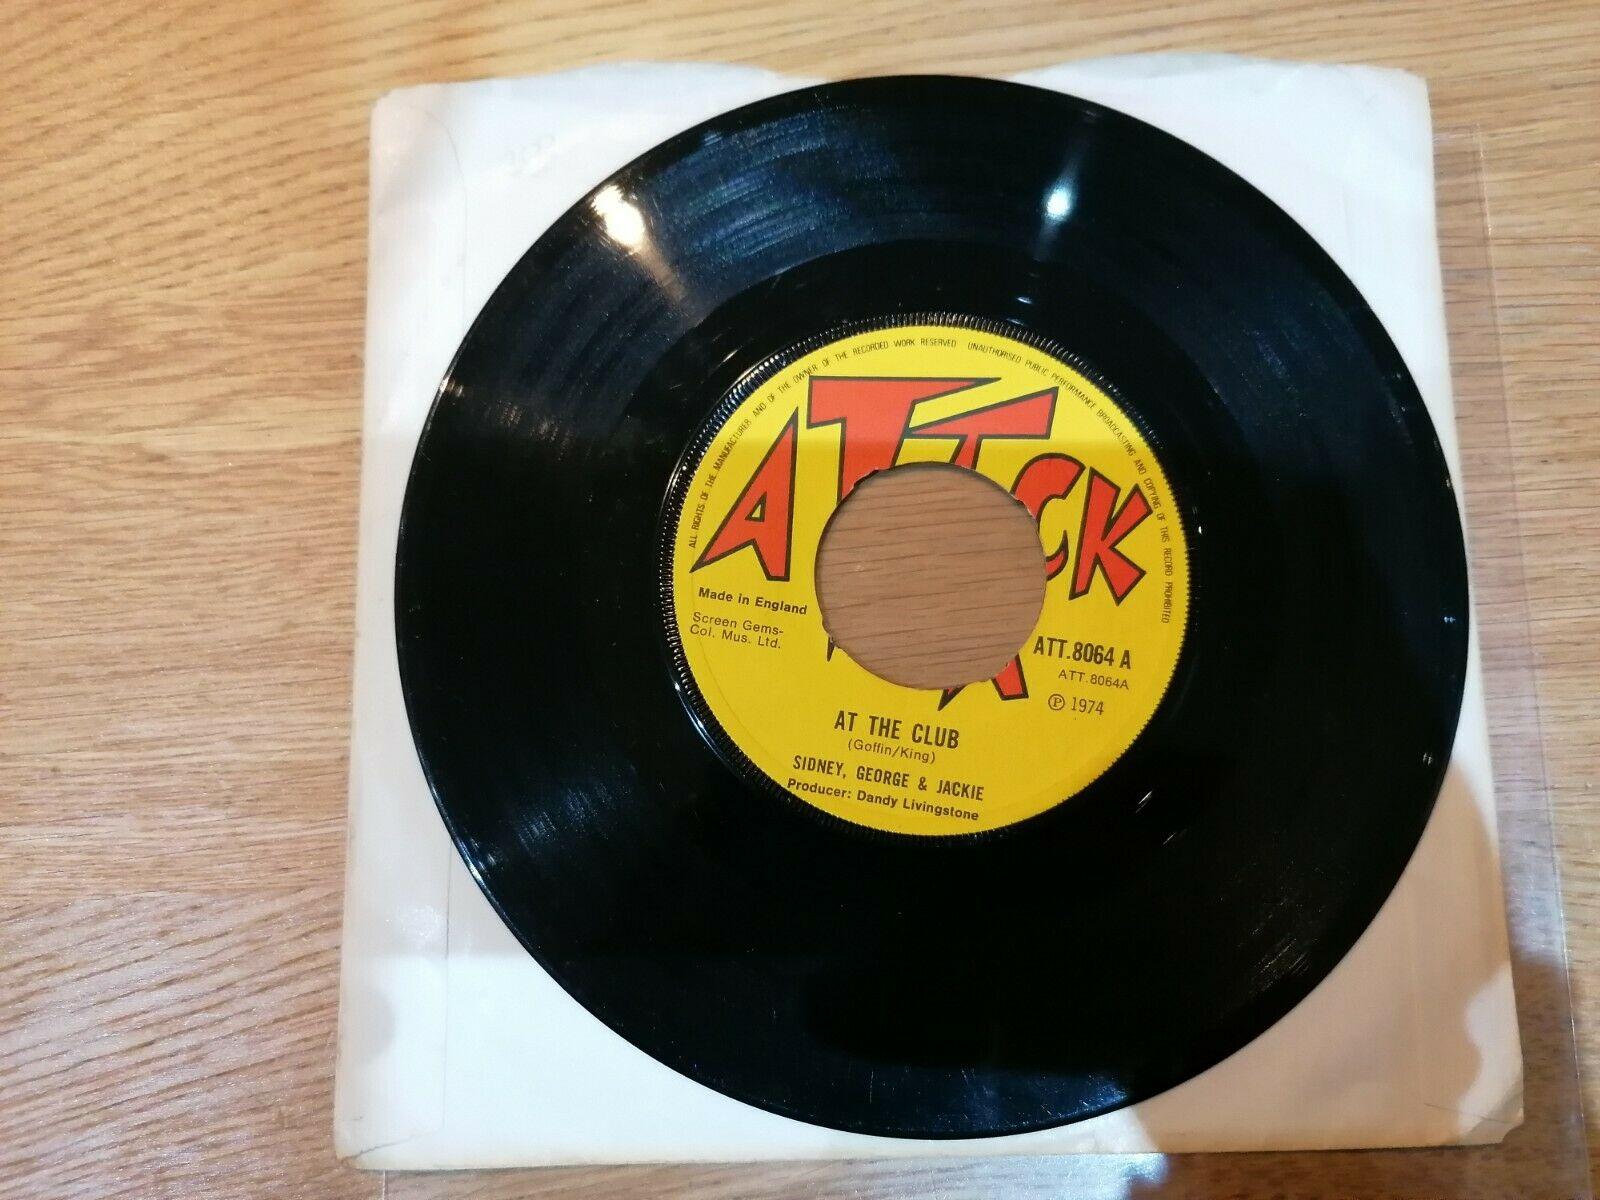 """Pioneers Sidney George & Jackie At the club Attack Reggae 7"""" vinyl record"""